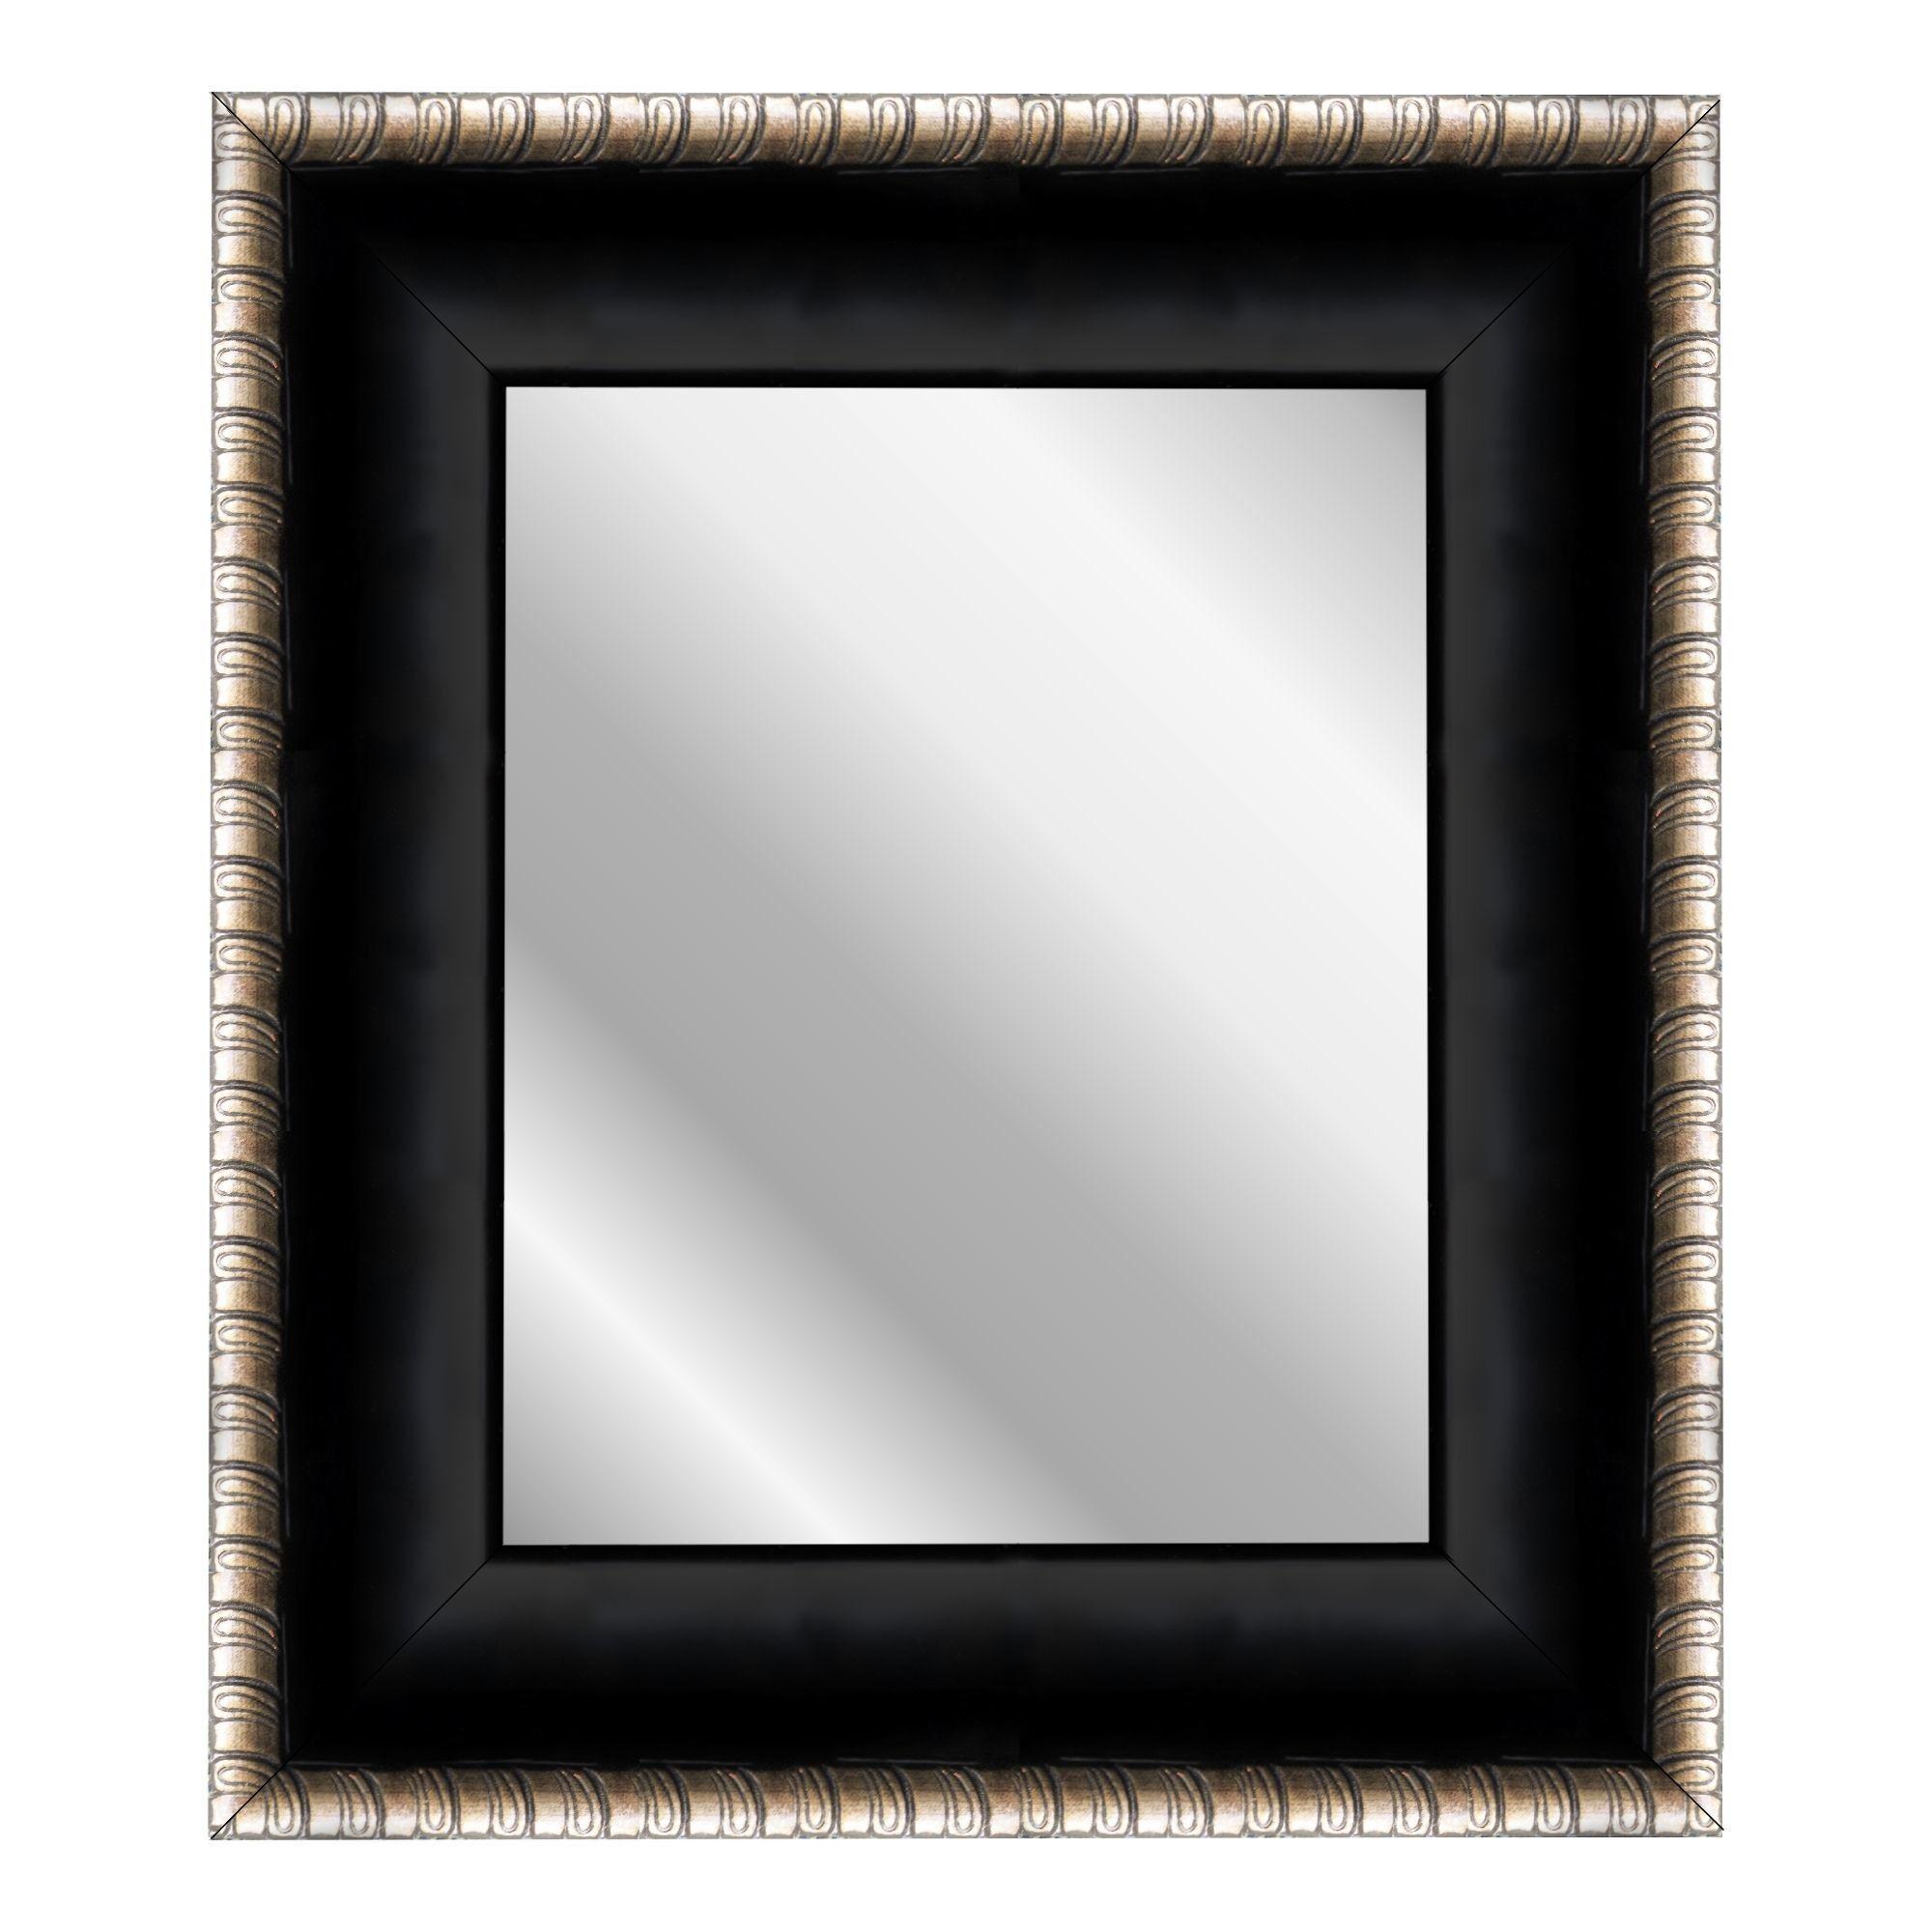 Satin Midnight Ebony Scrolls Wall Mirror